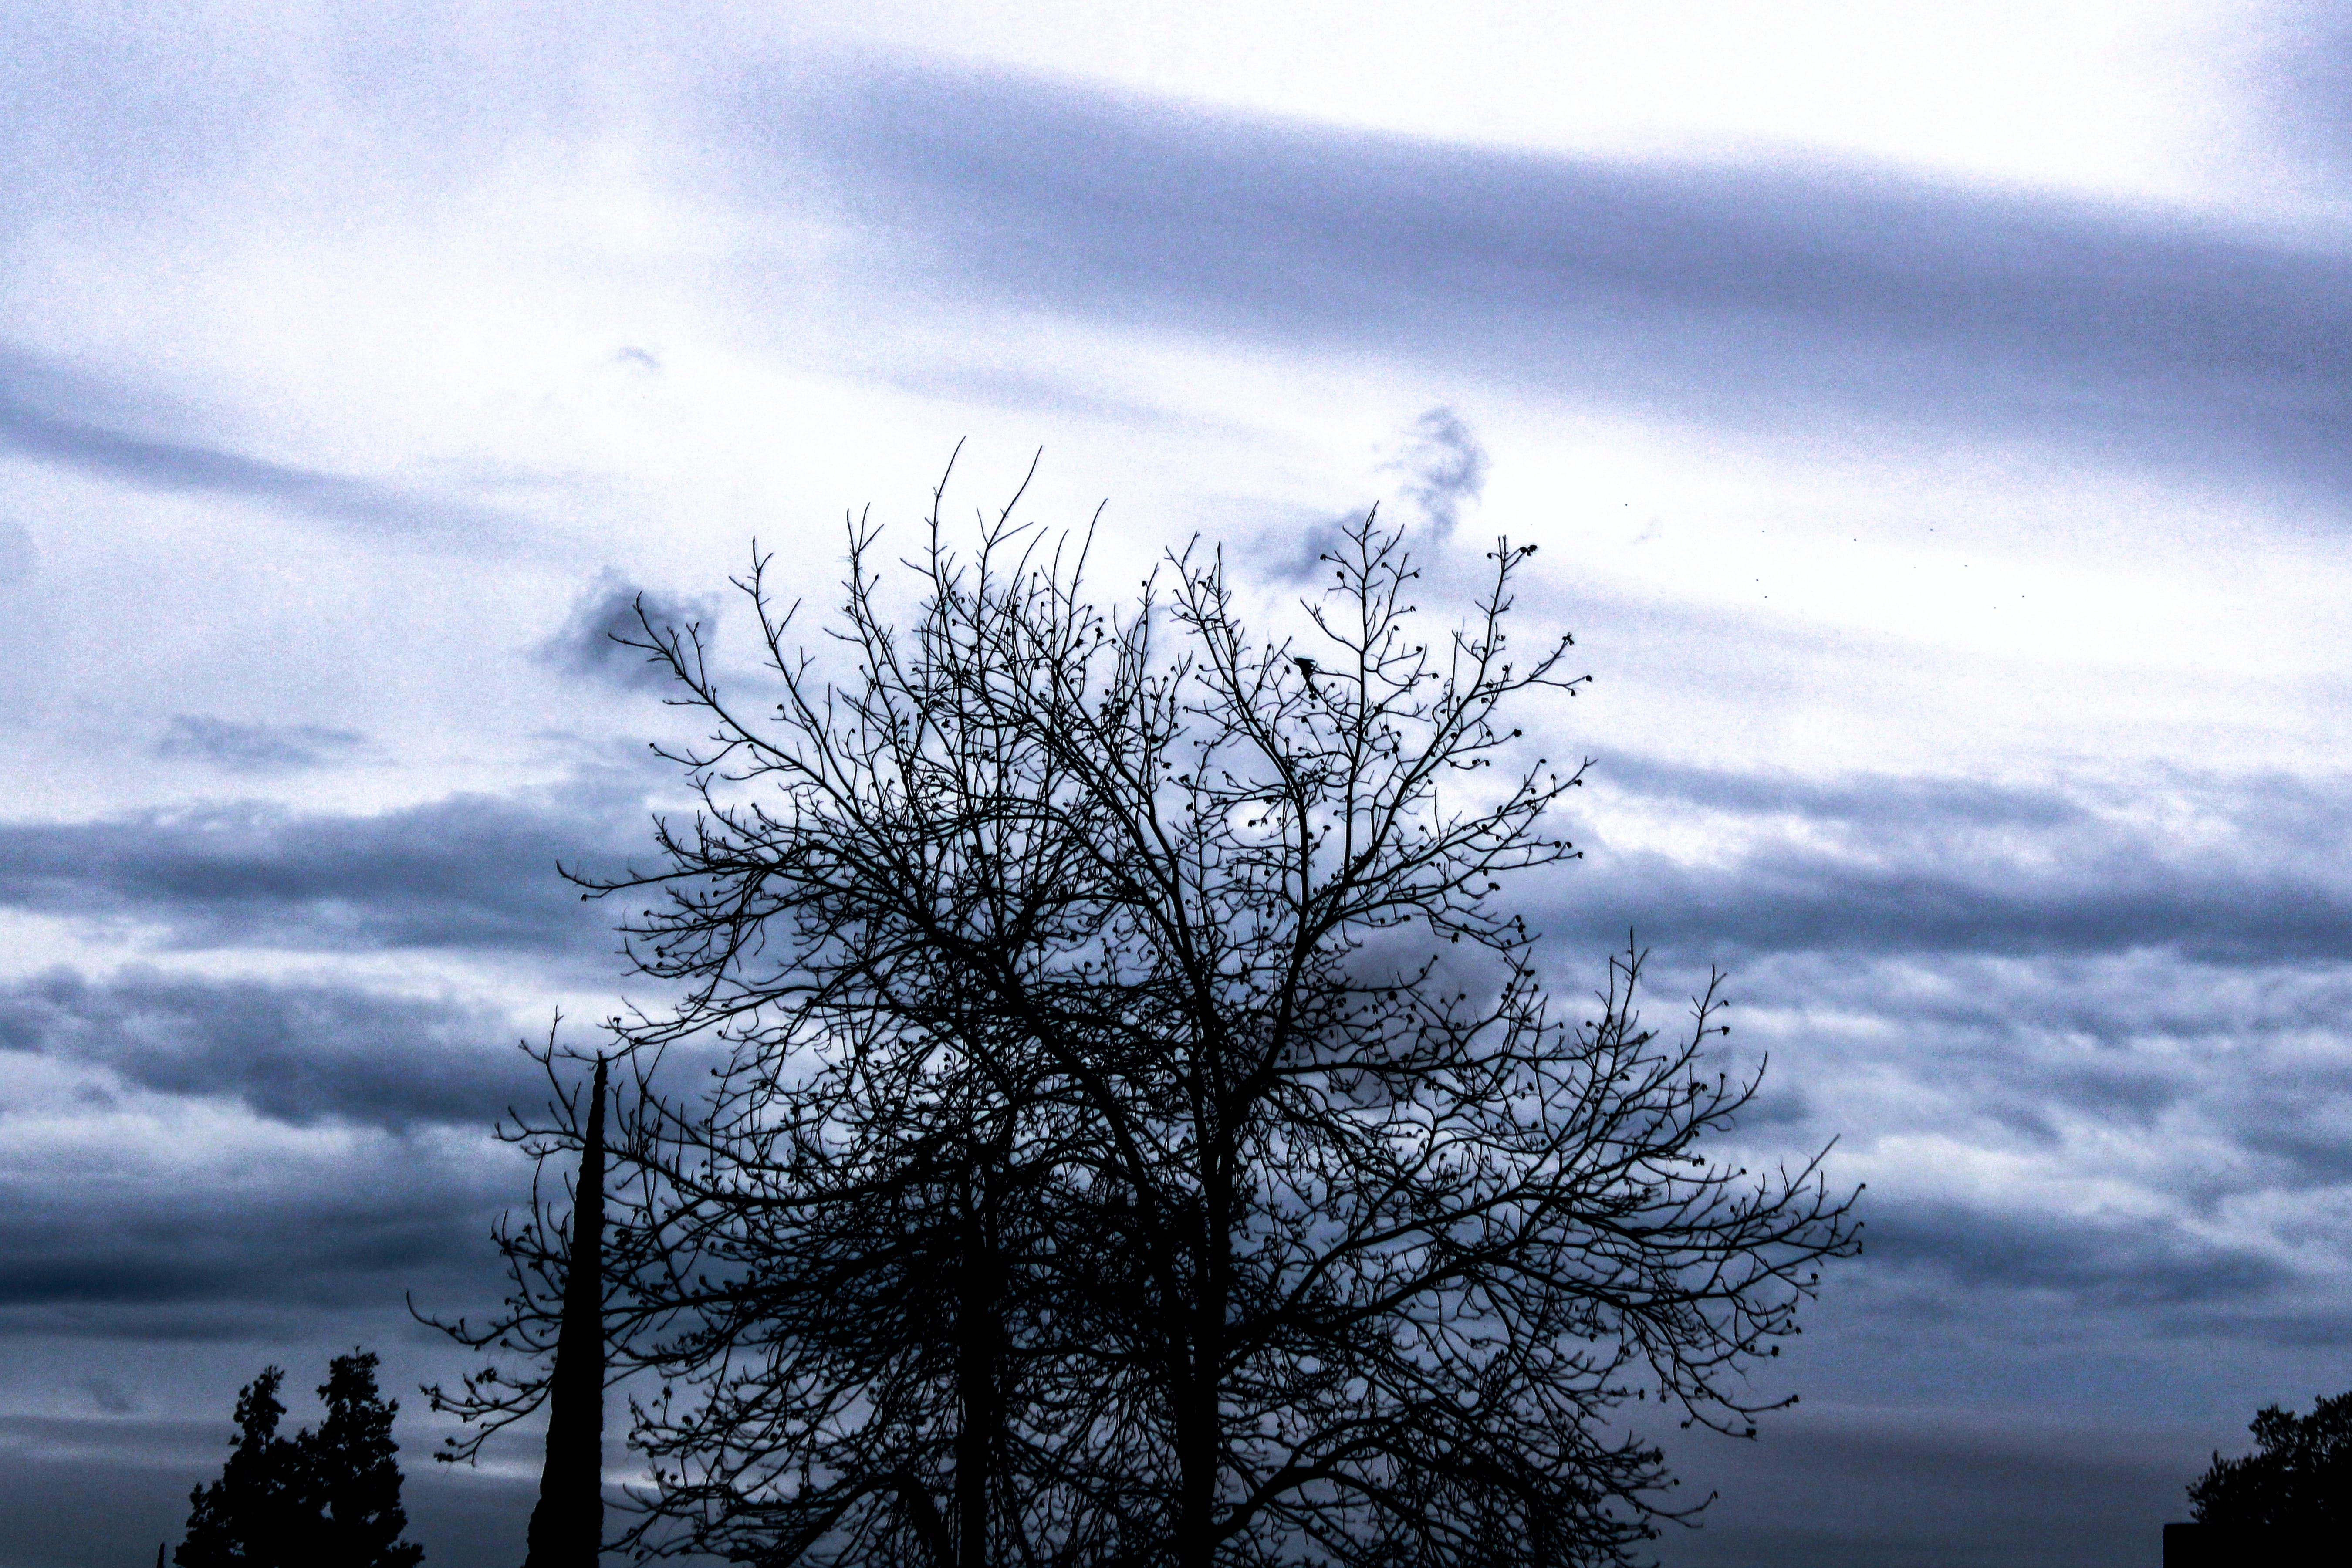 Δωρεάν στοκ φωτογραφιών με δέντρο, κλαδιά, ουρανός, σύννεφα